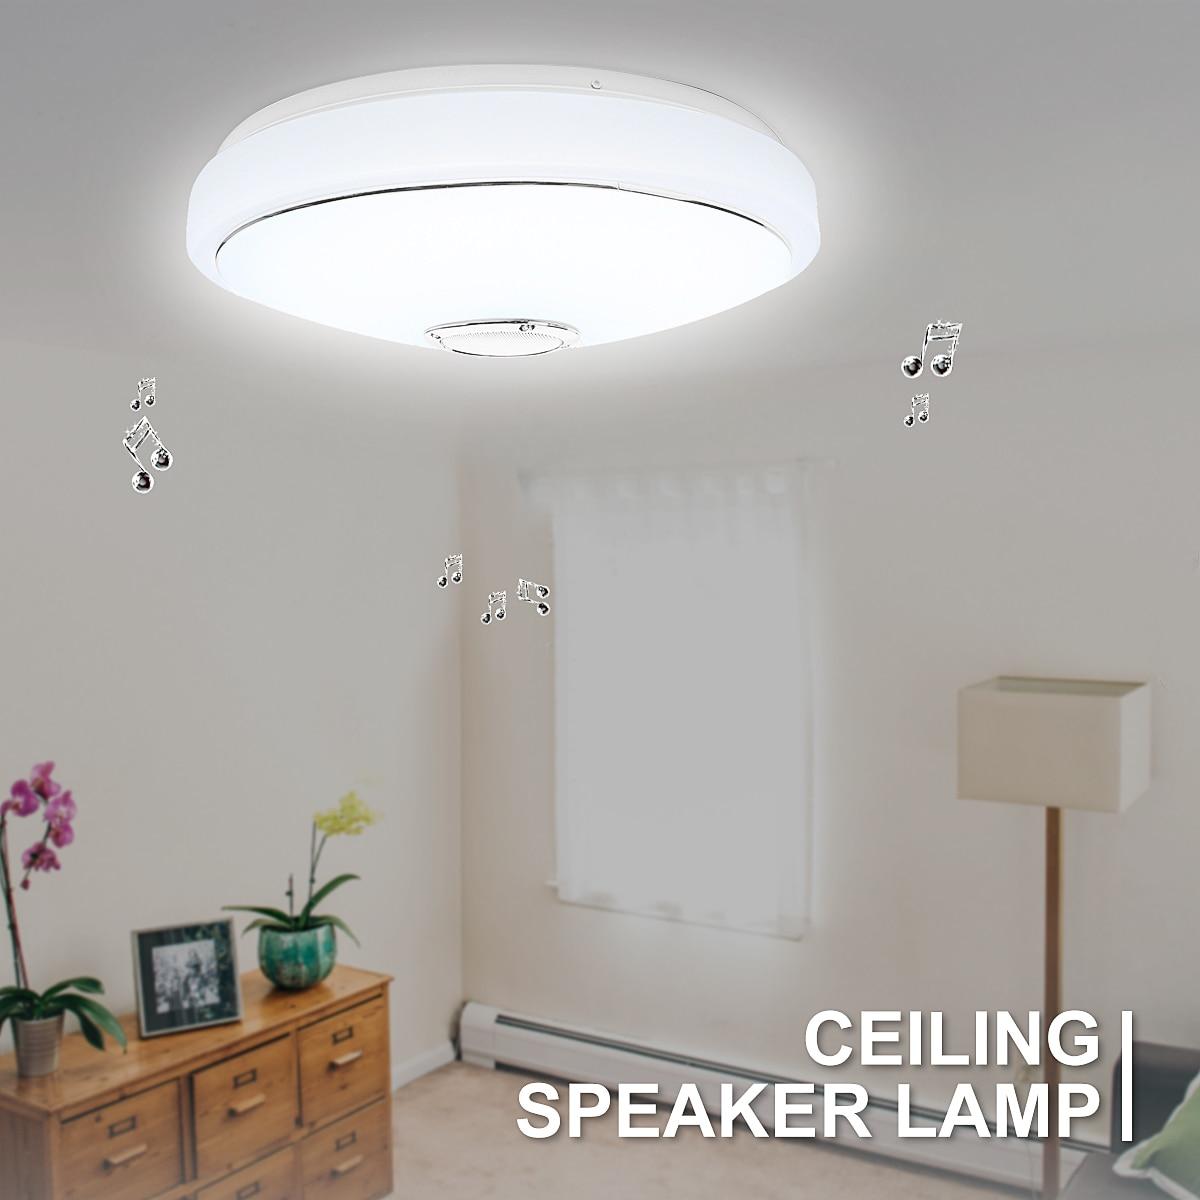 Lumière de plafond moderne à LEDs bluetooth haut-parleur musique 48 ampoule APP téléphone télécommande RGB haut-parleurs de plafond lampe éclairage de salle intérieure